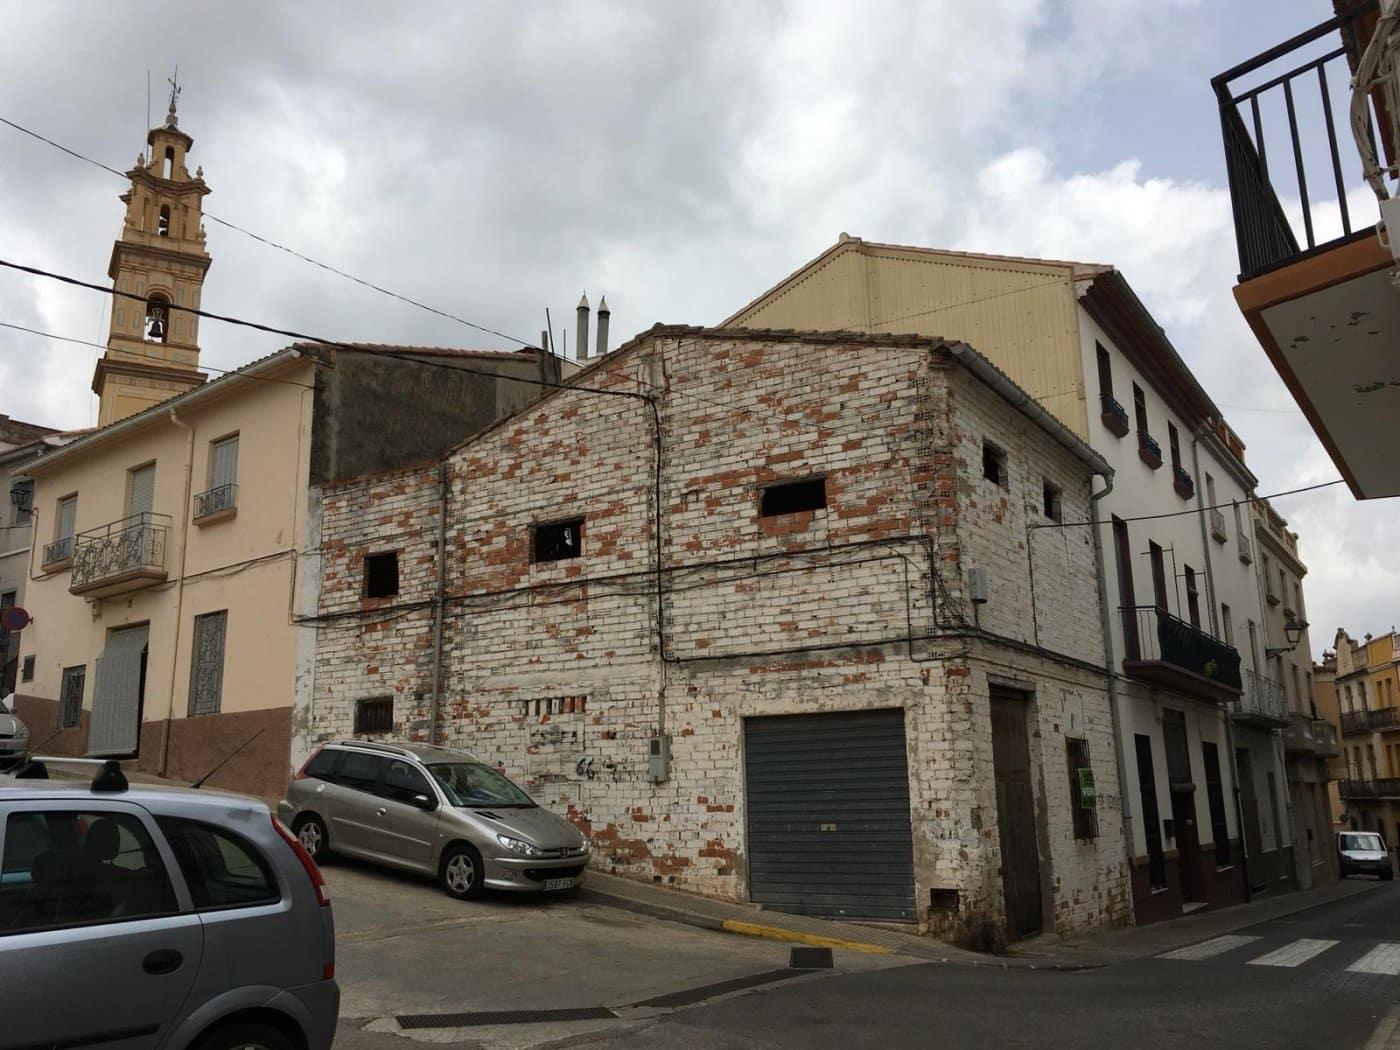 Villa/Maison à vendre à La Font d'En Carros - 29 900 € (Ref: 5316482)